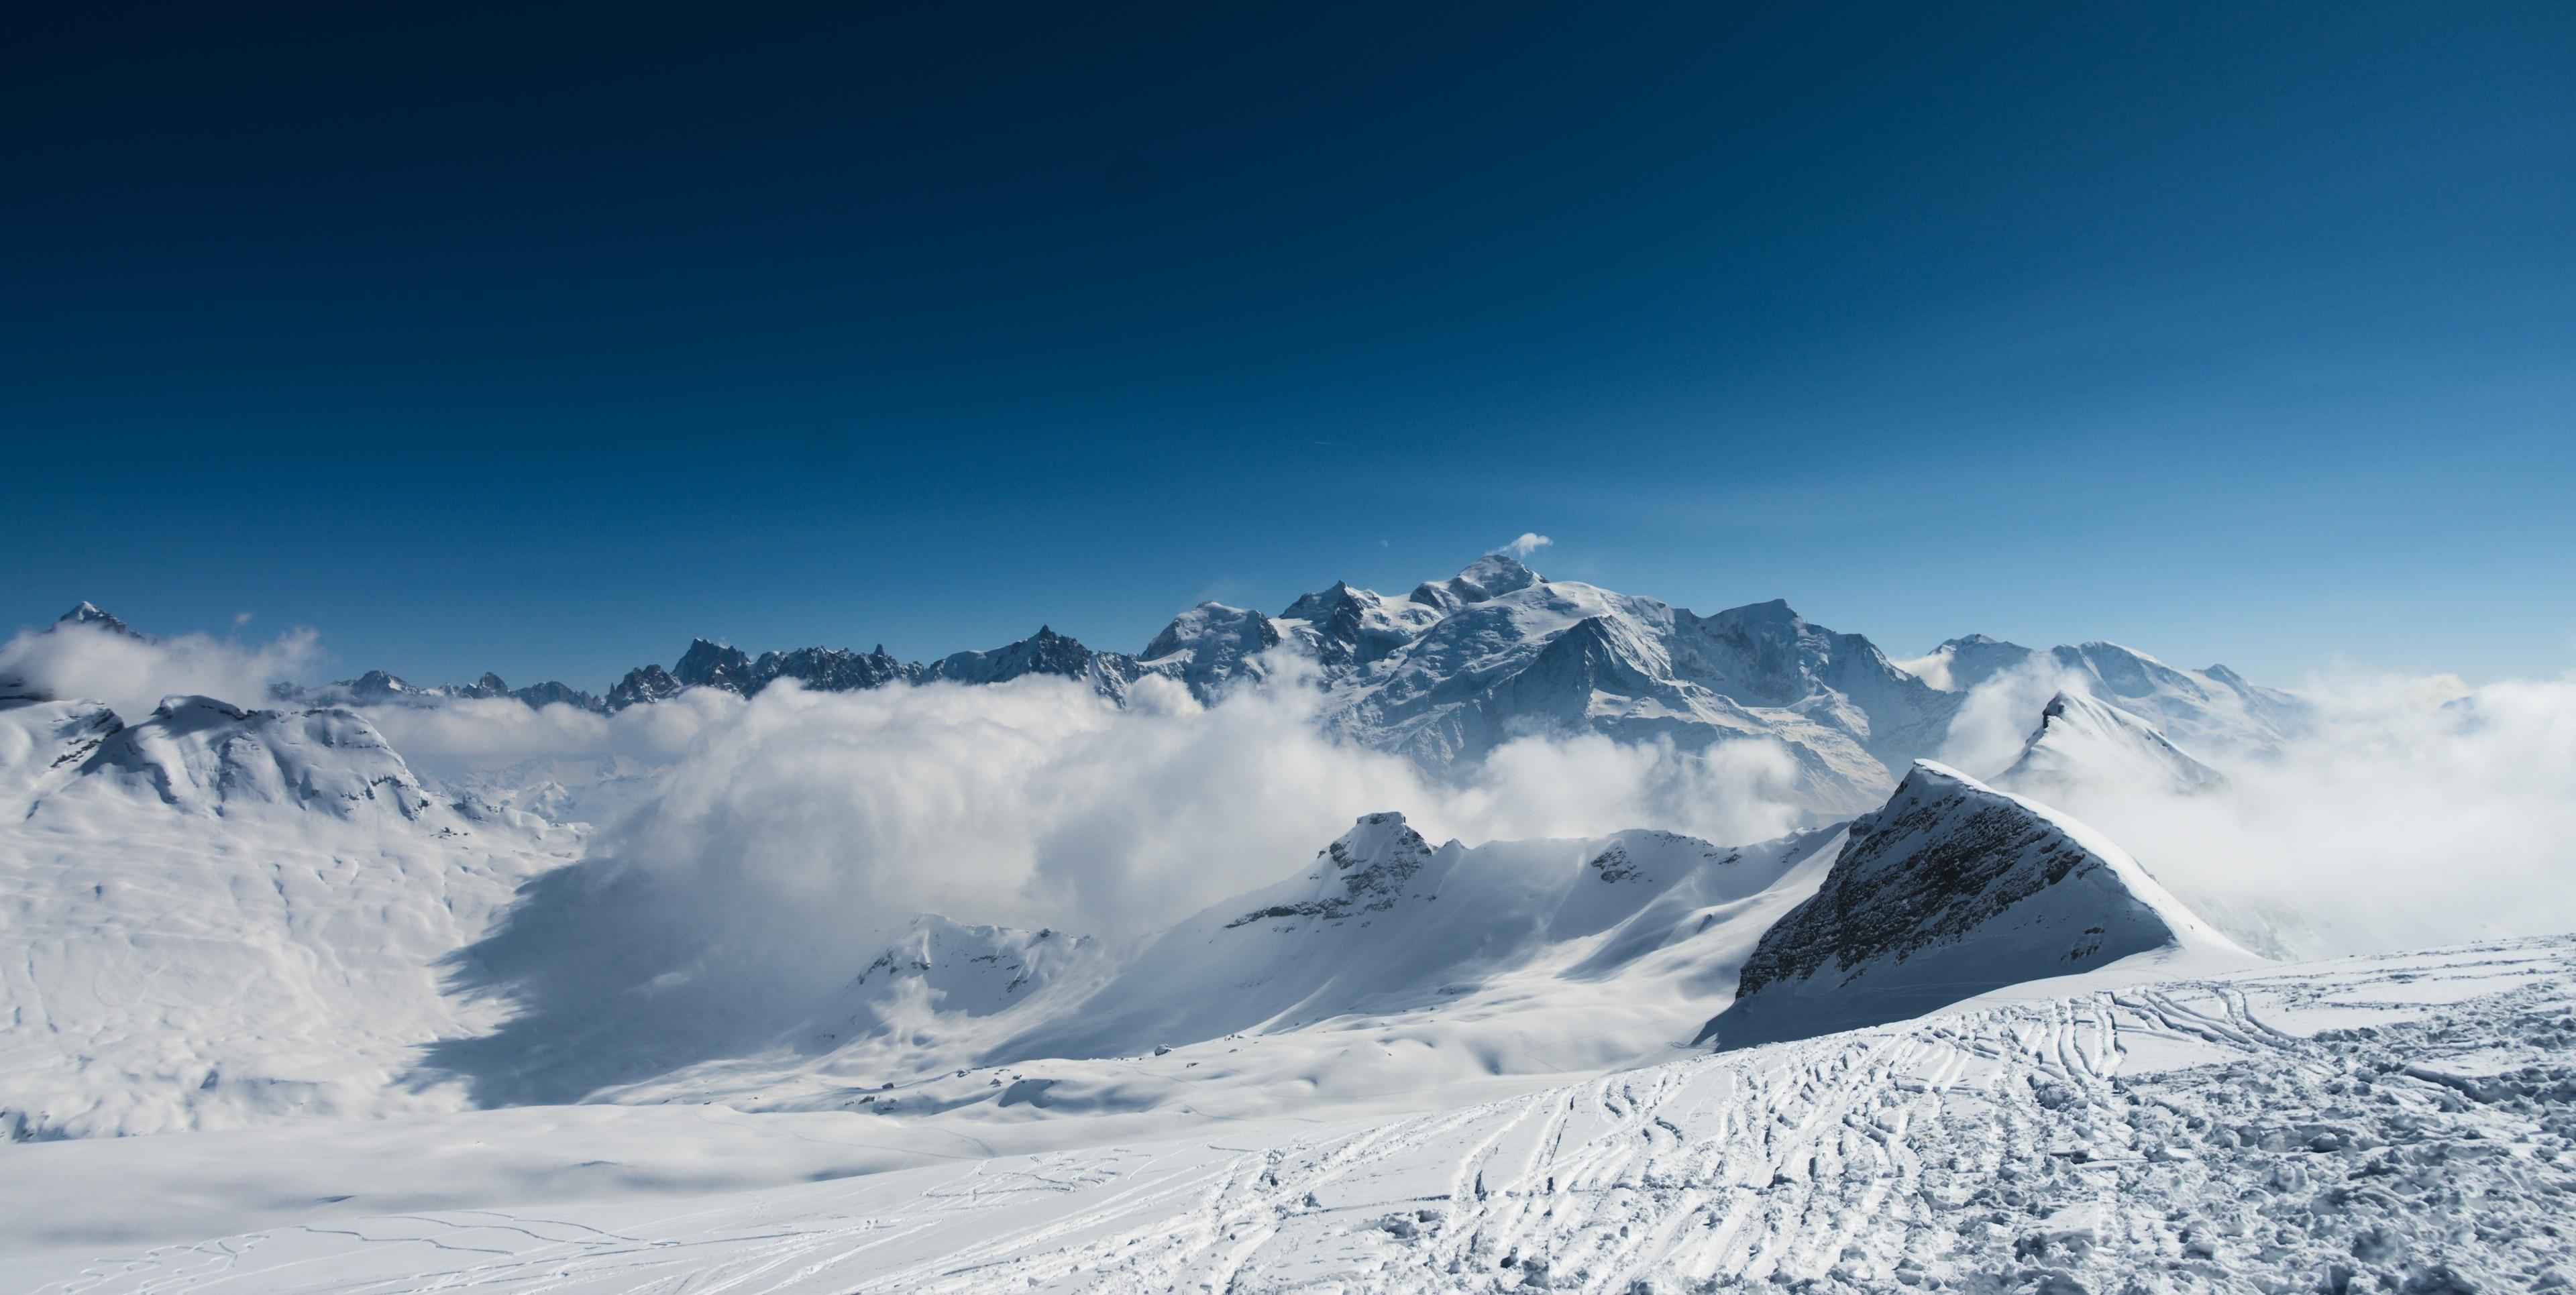 Skigebiet Flaine, Arâches-la-Frasse, Haute-Savoie (Département), Frankreich